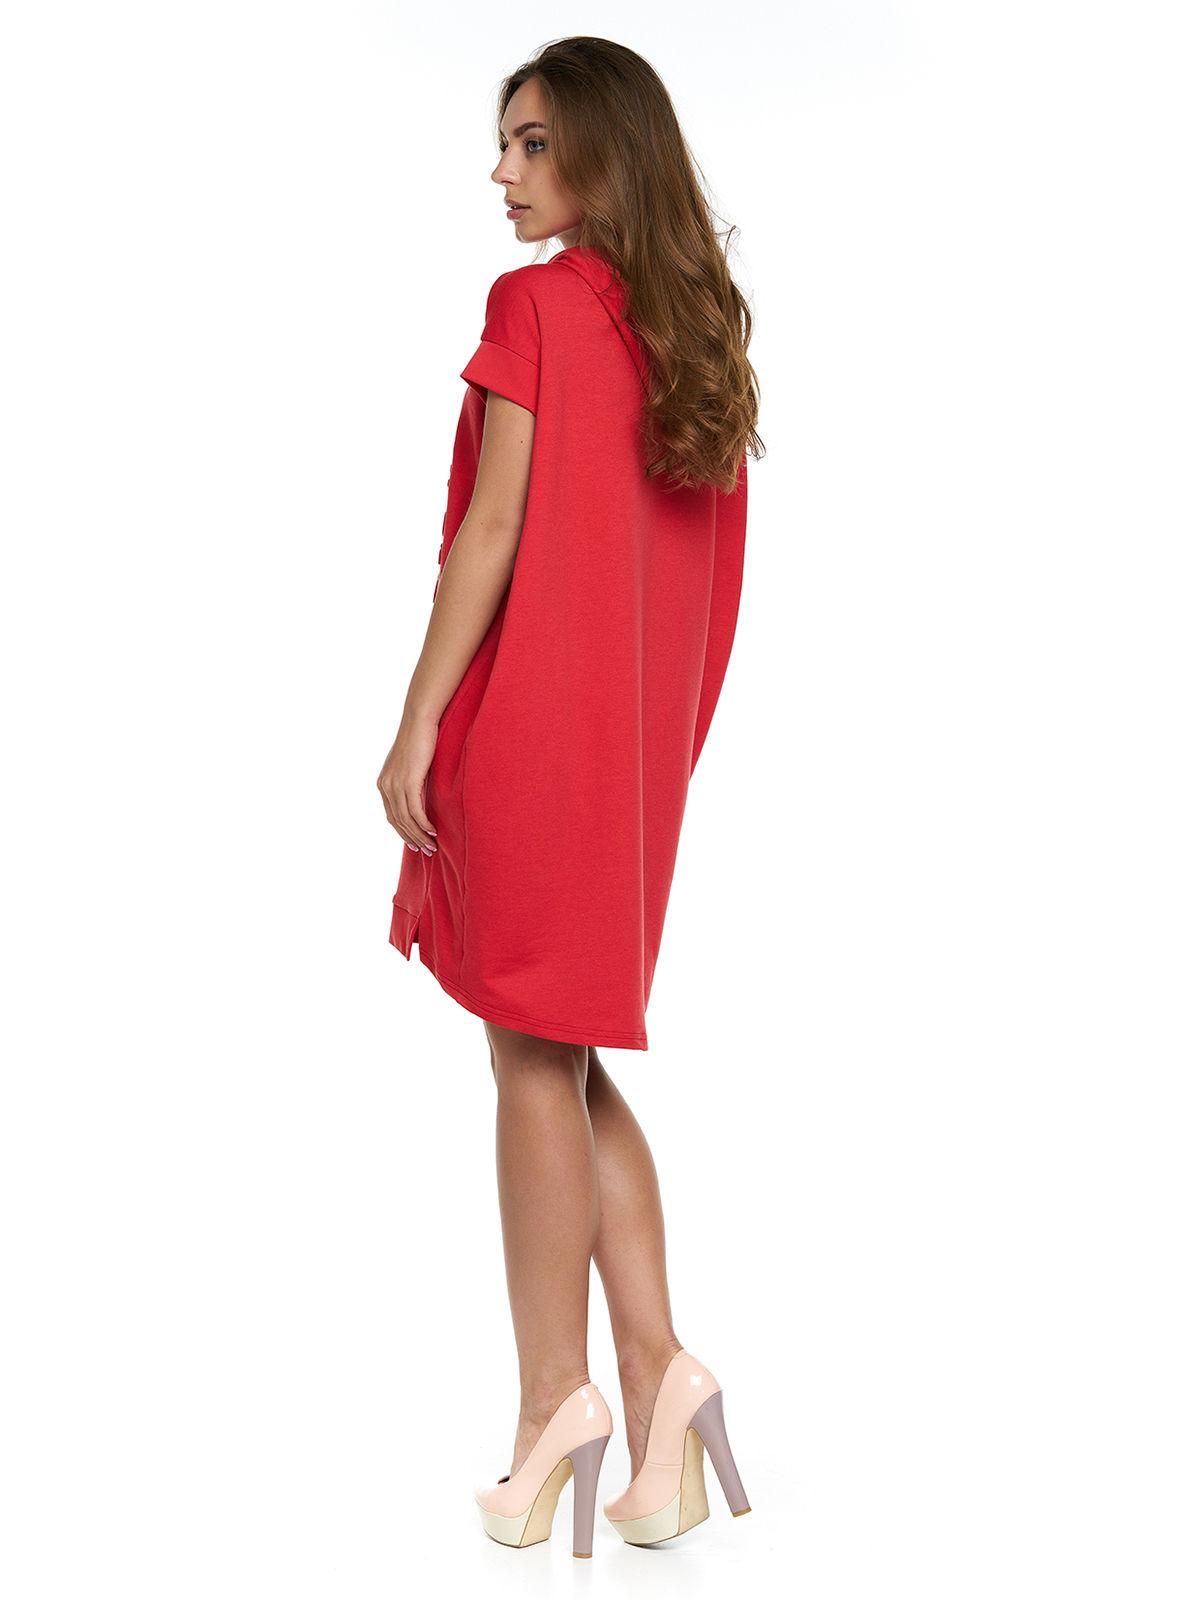 Сукня червона з принтом | 3299629 | фото 2